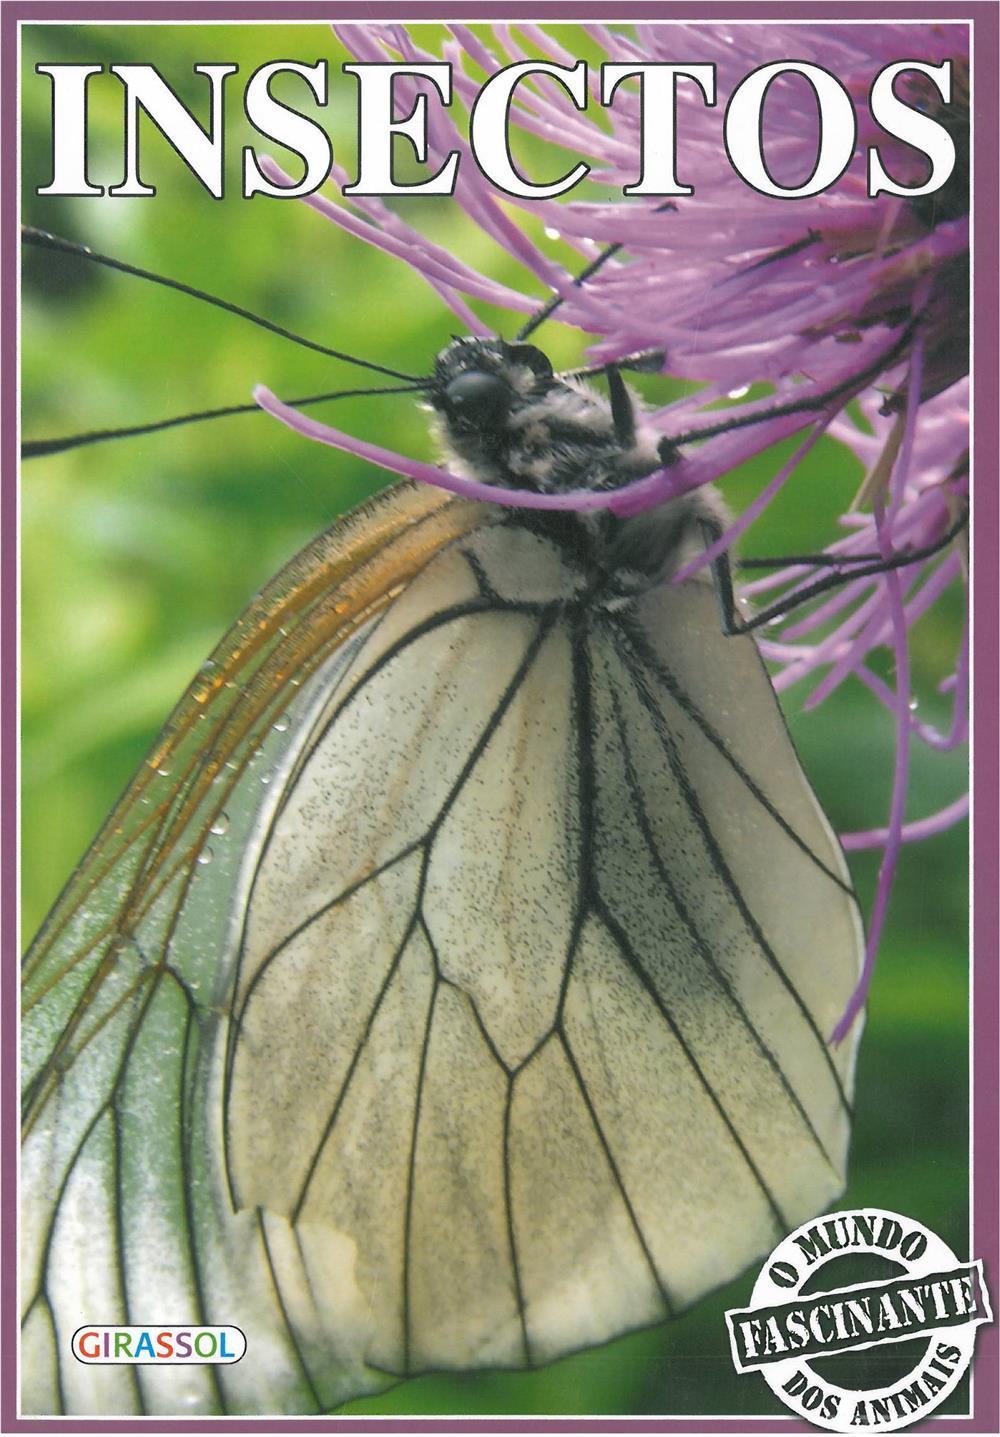 Insectos_Infantil.jpg